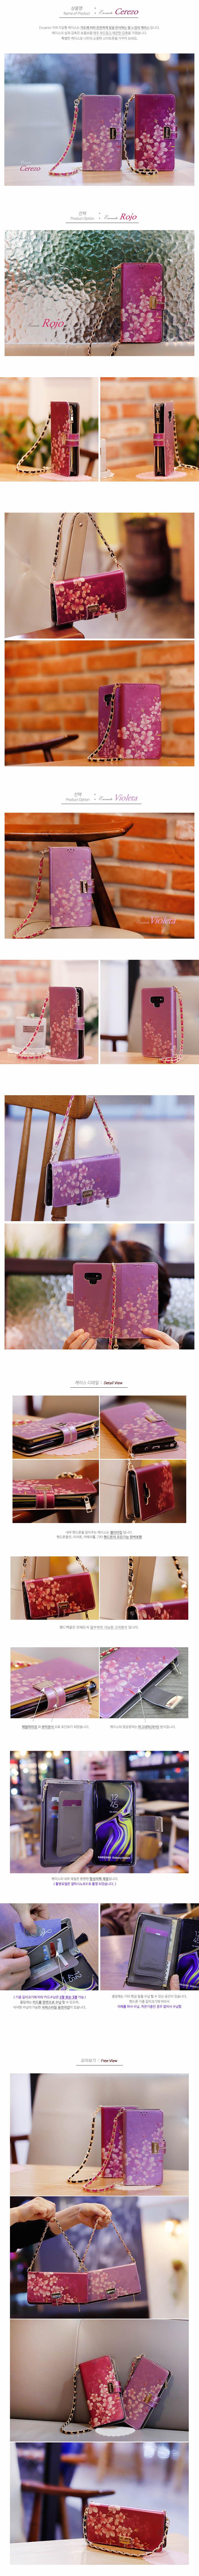 아이폰7플러스 Encanto-Cerezo-H 지퍼 지갑 다이어리 케이스 - 아이콘팜, 40,950원, 케이스, 아이폰7플러스/8플러스